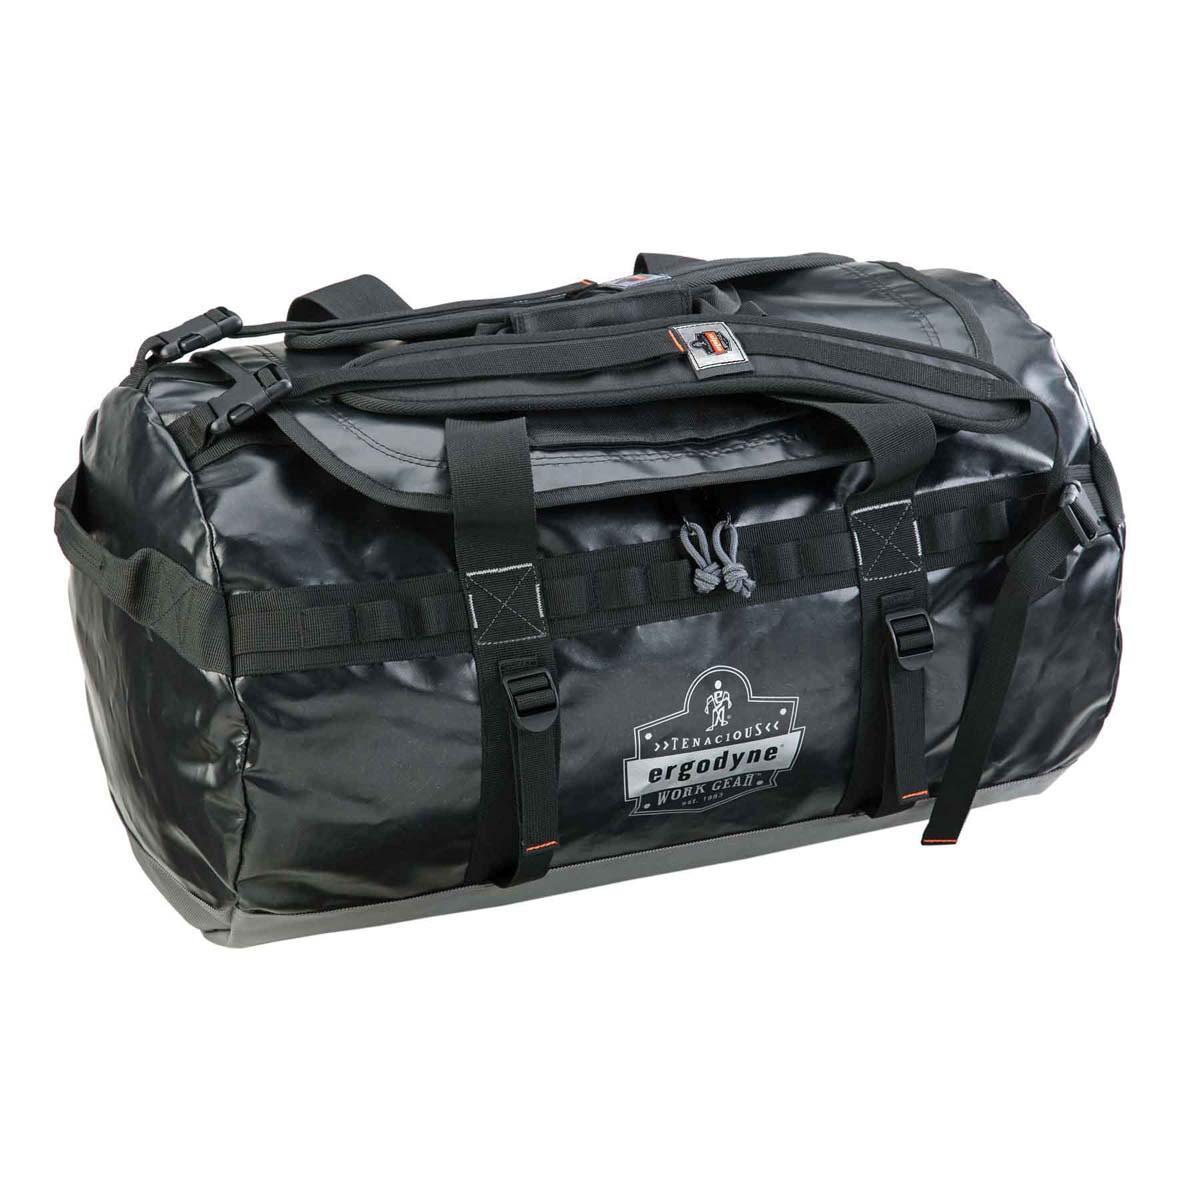 GB5030 S Black Water Resistant Duffel Bag